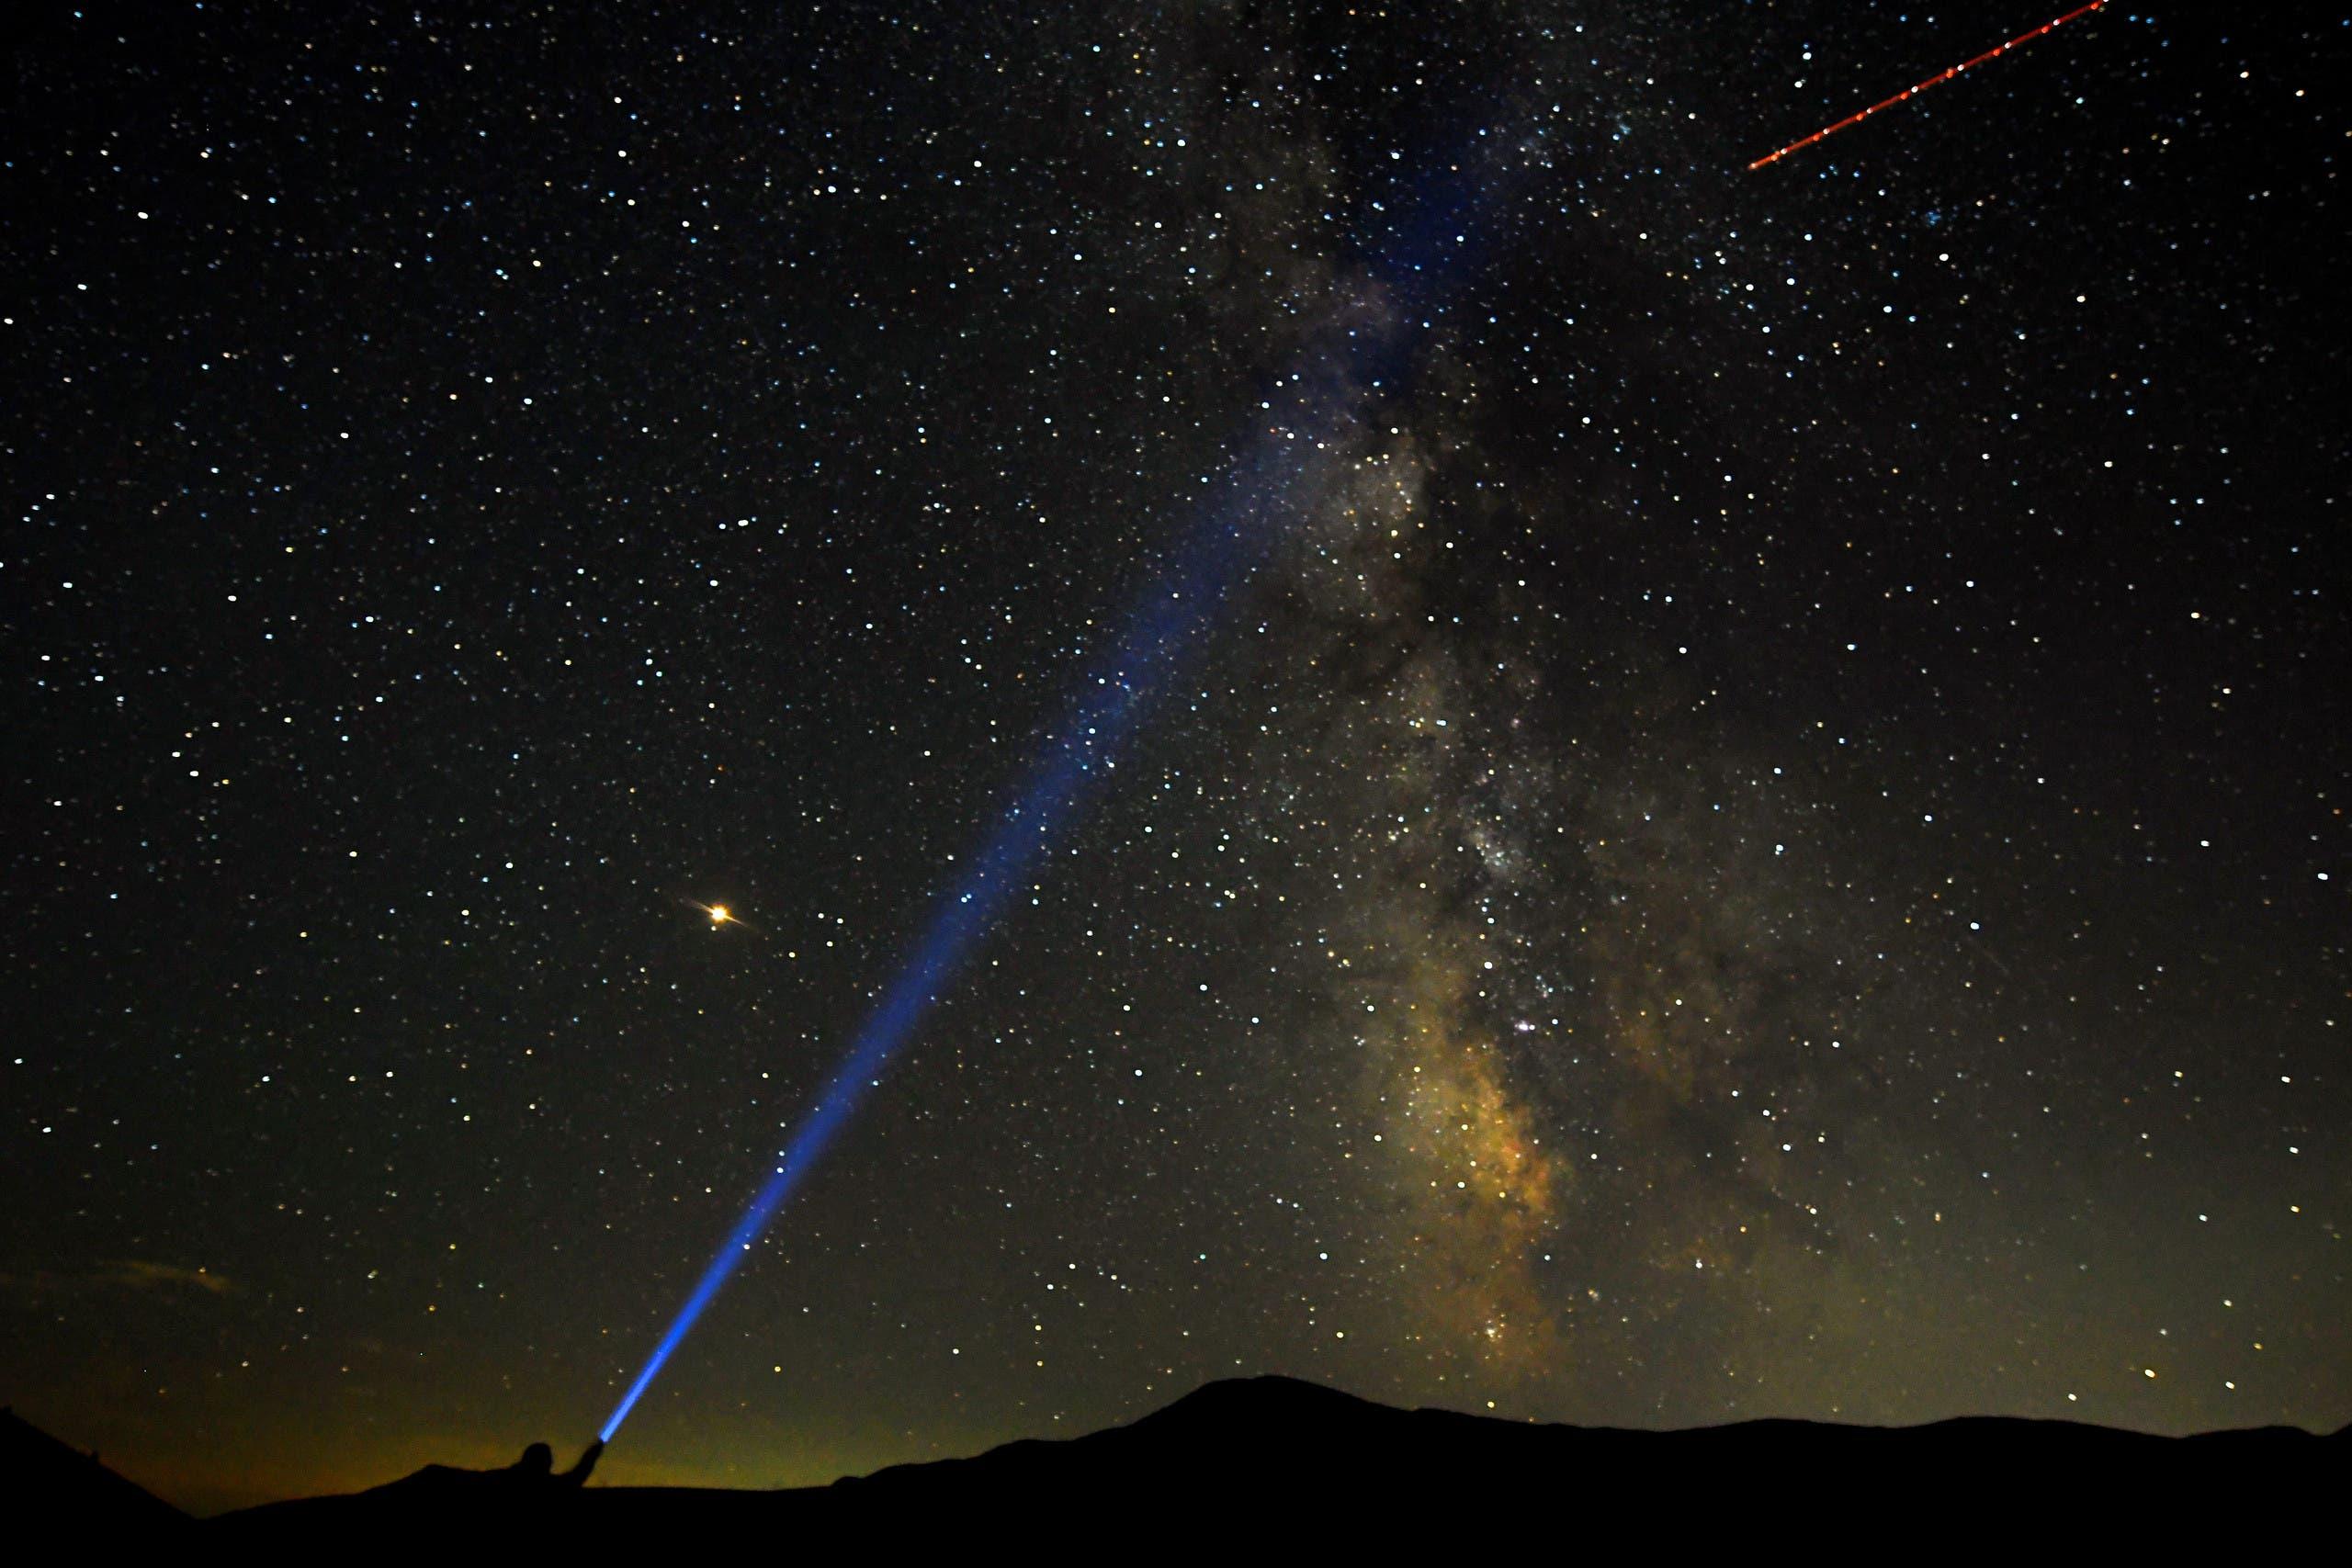 مجرة درب التبانة تظهر في سماء مقدونيا (أرشيفية)